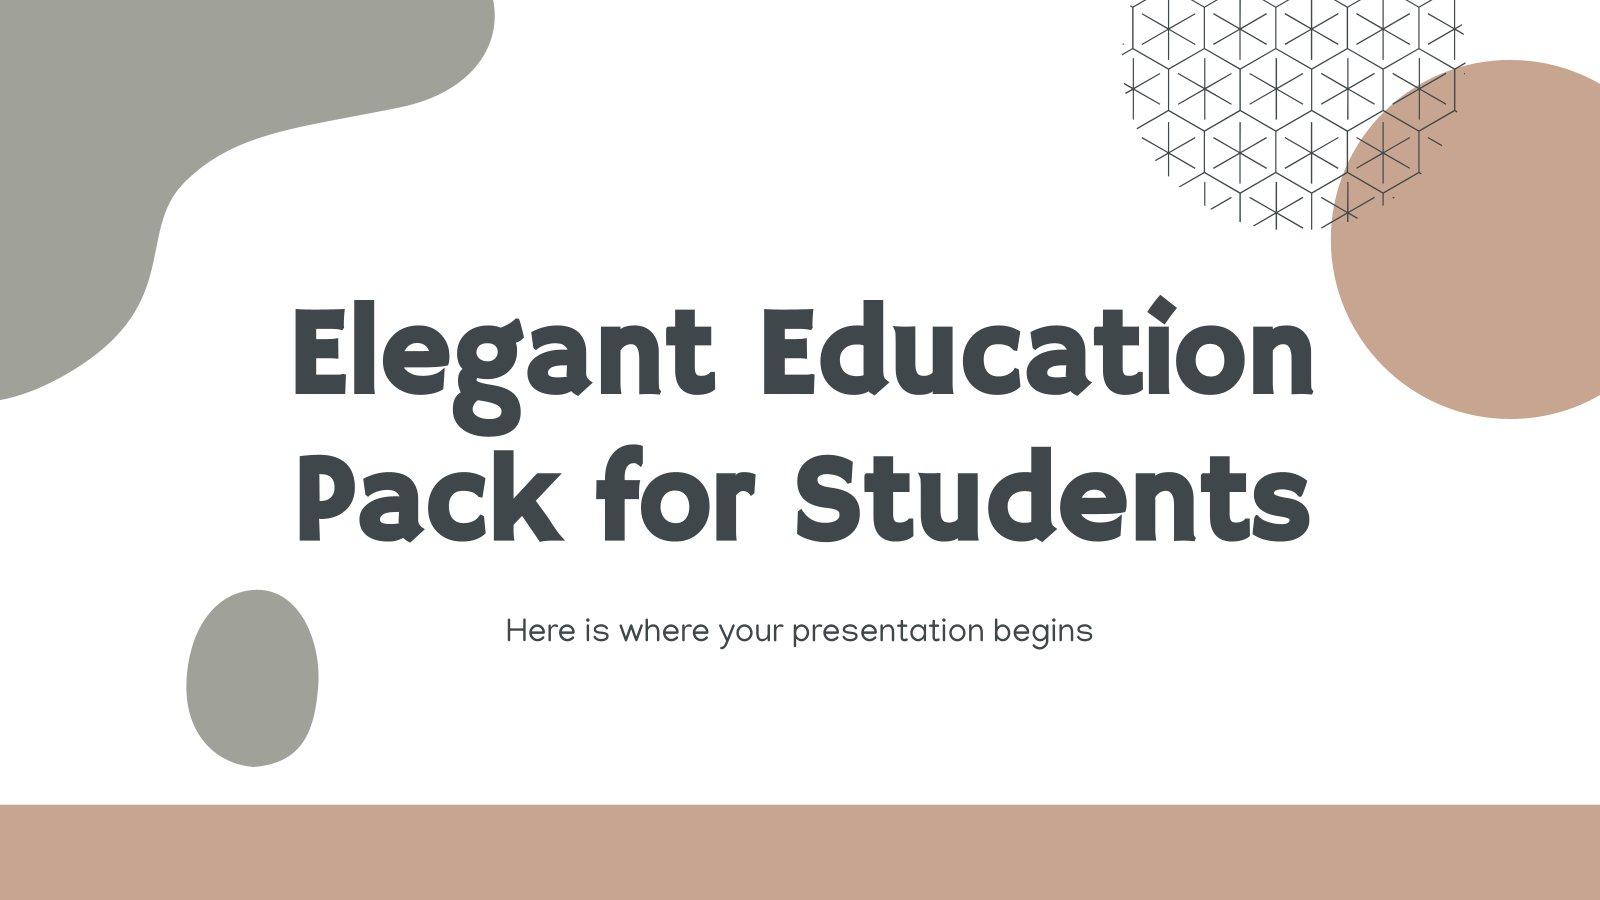 Elegantes Bildungspaket für Studenten Präsentationsvorlage